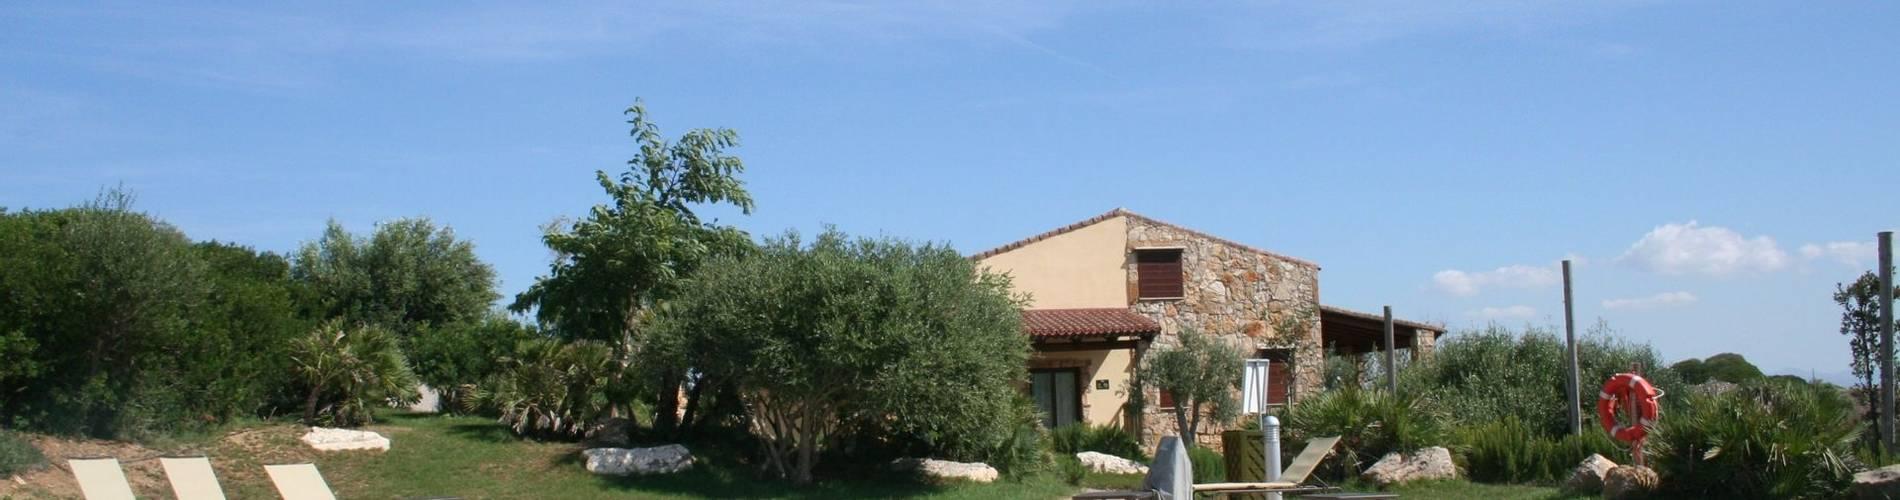 Casale Del Monte 7.jpg